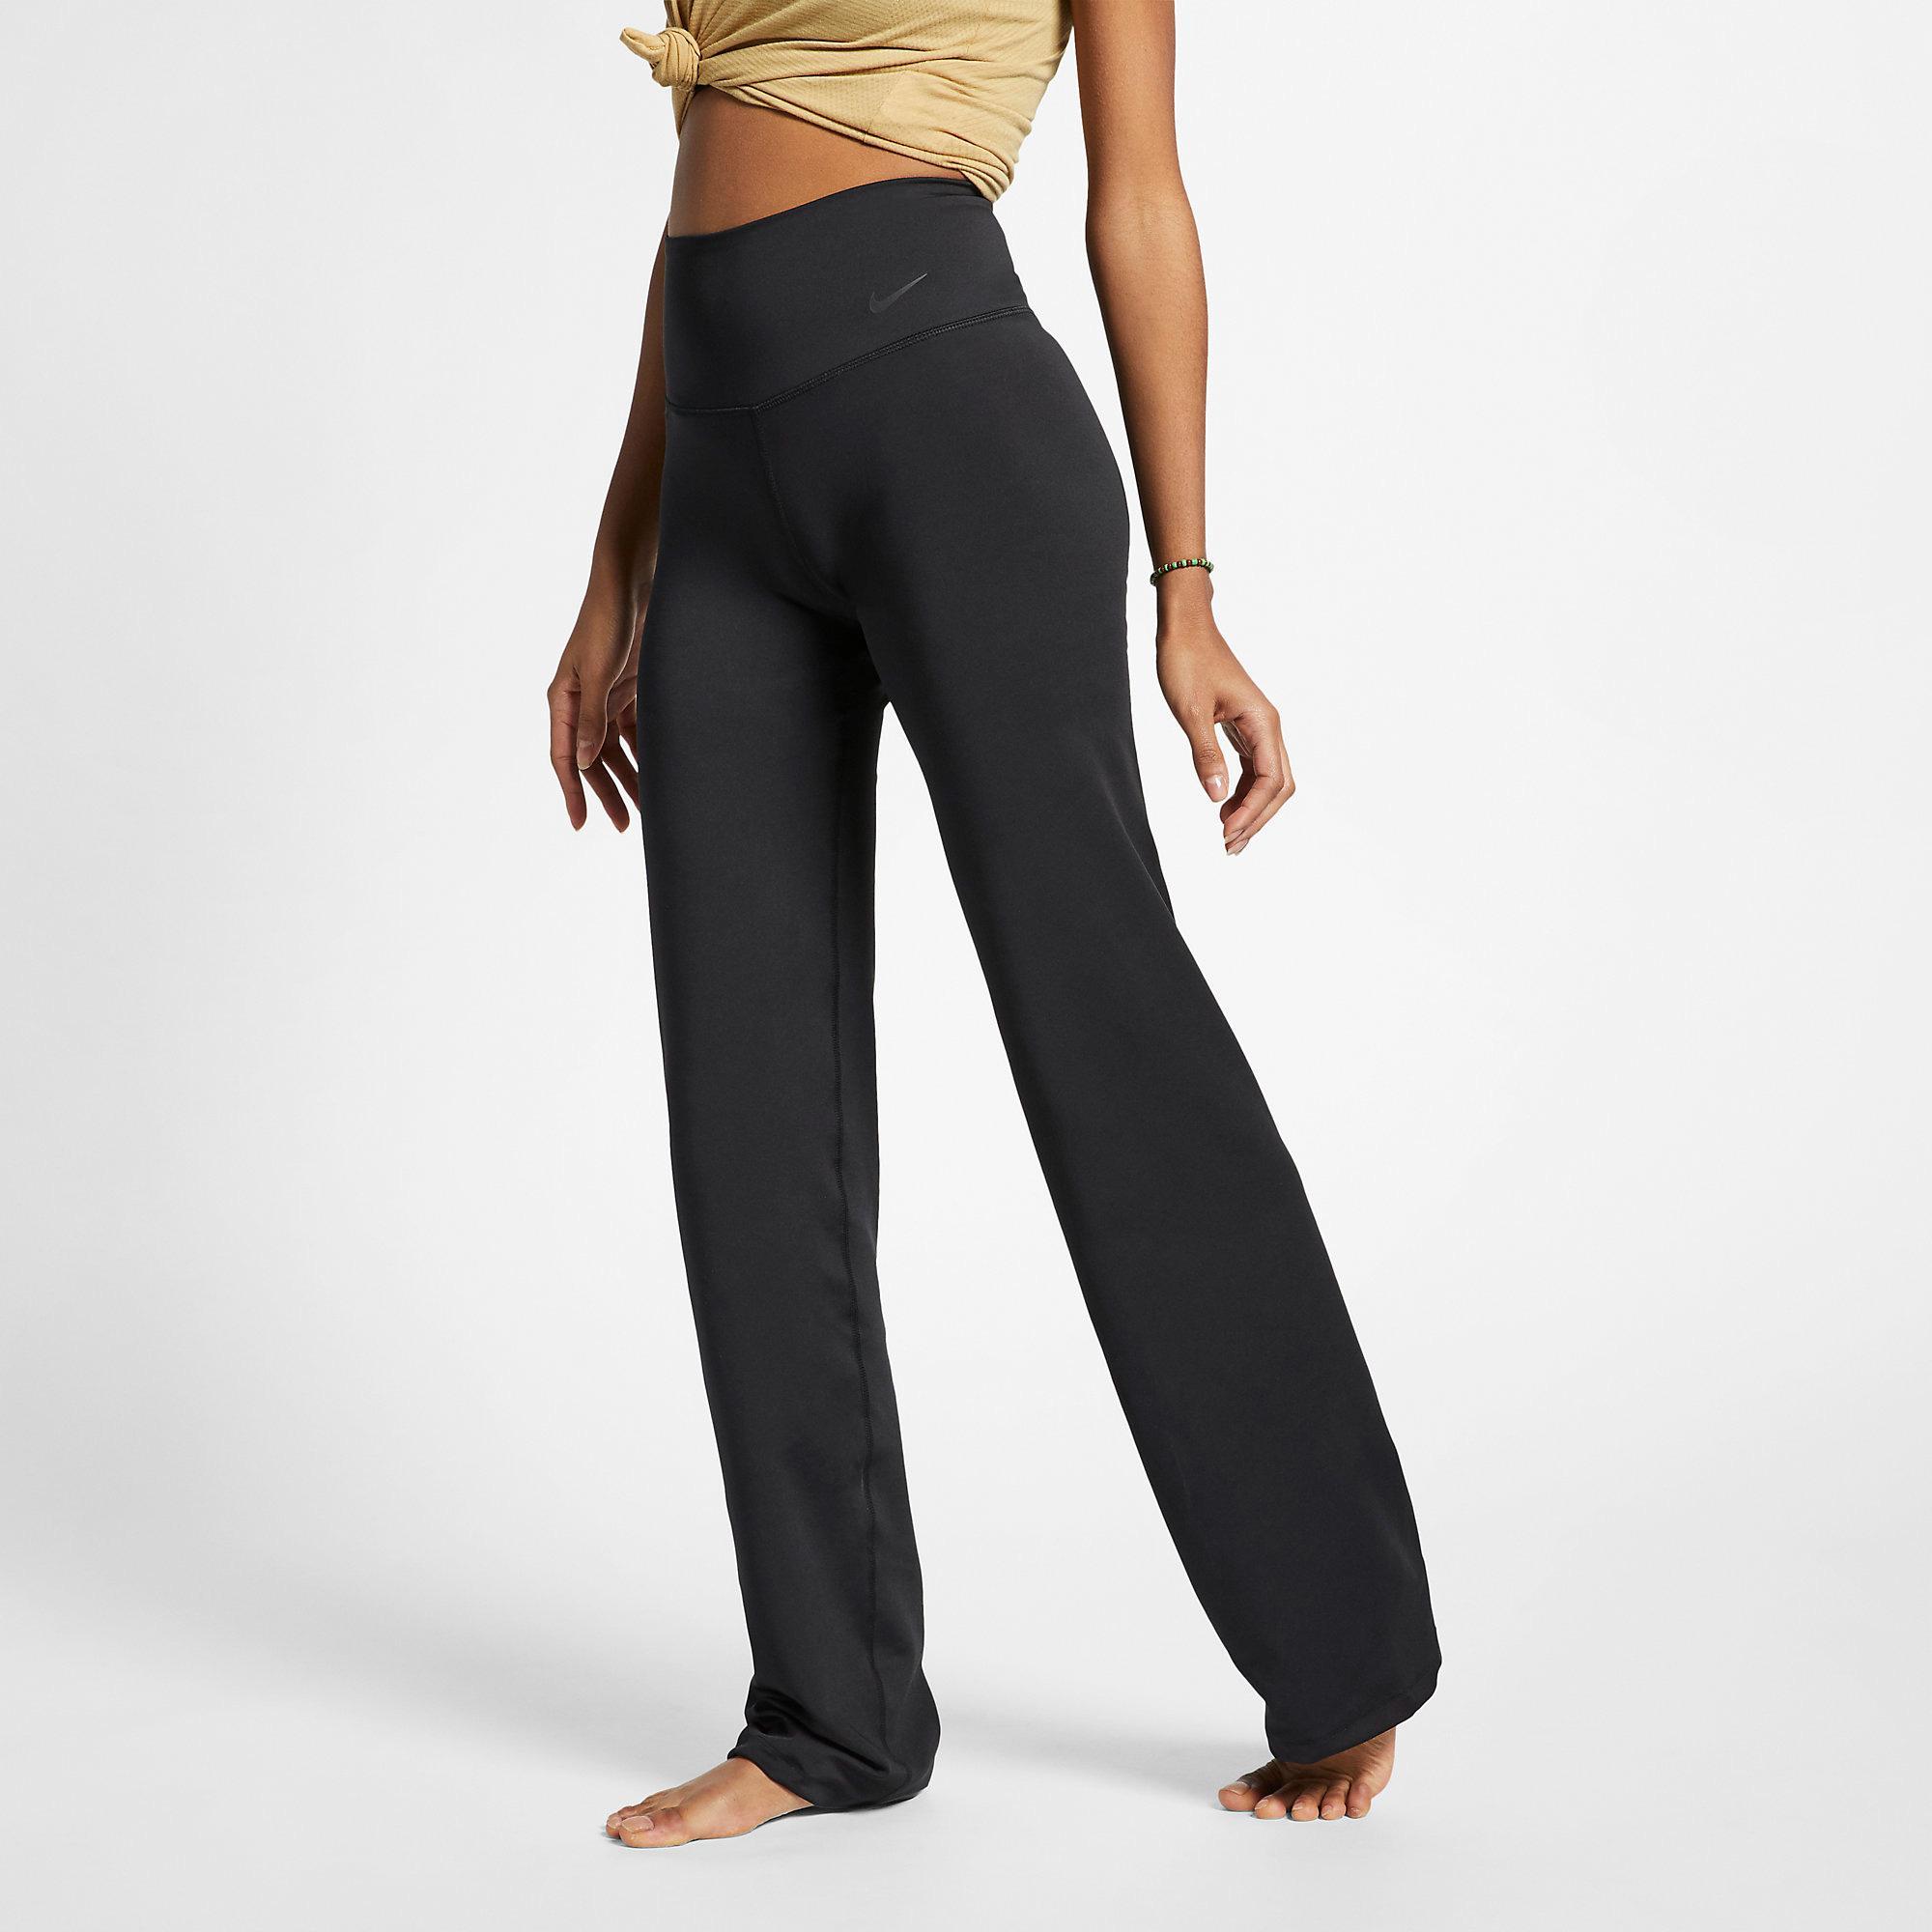 Nike Womens Power Yoga Pant Black Tennisnuts Com